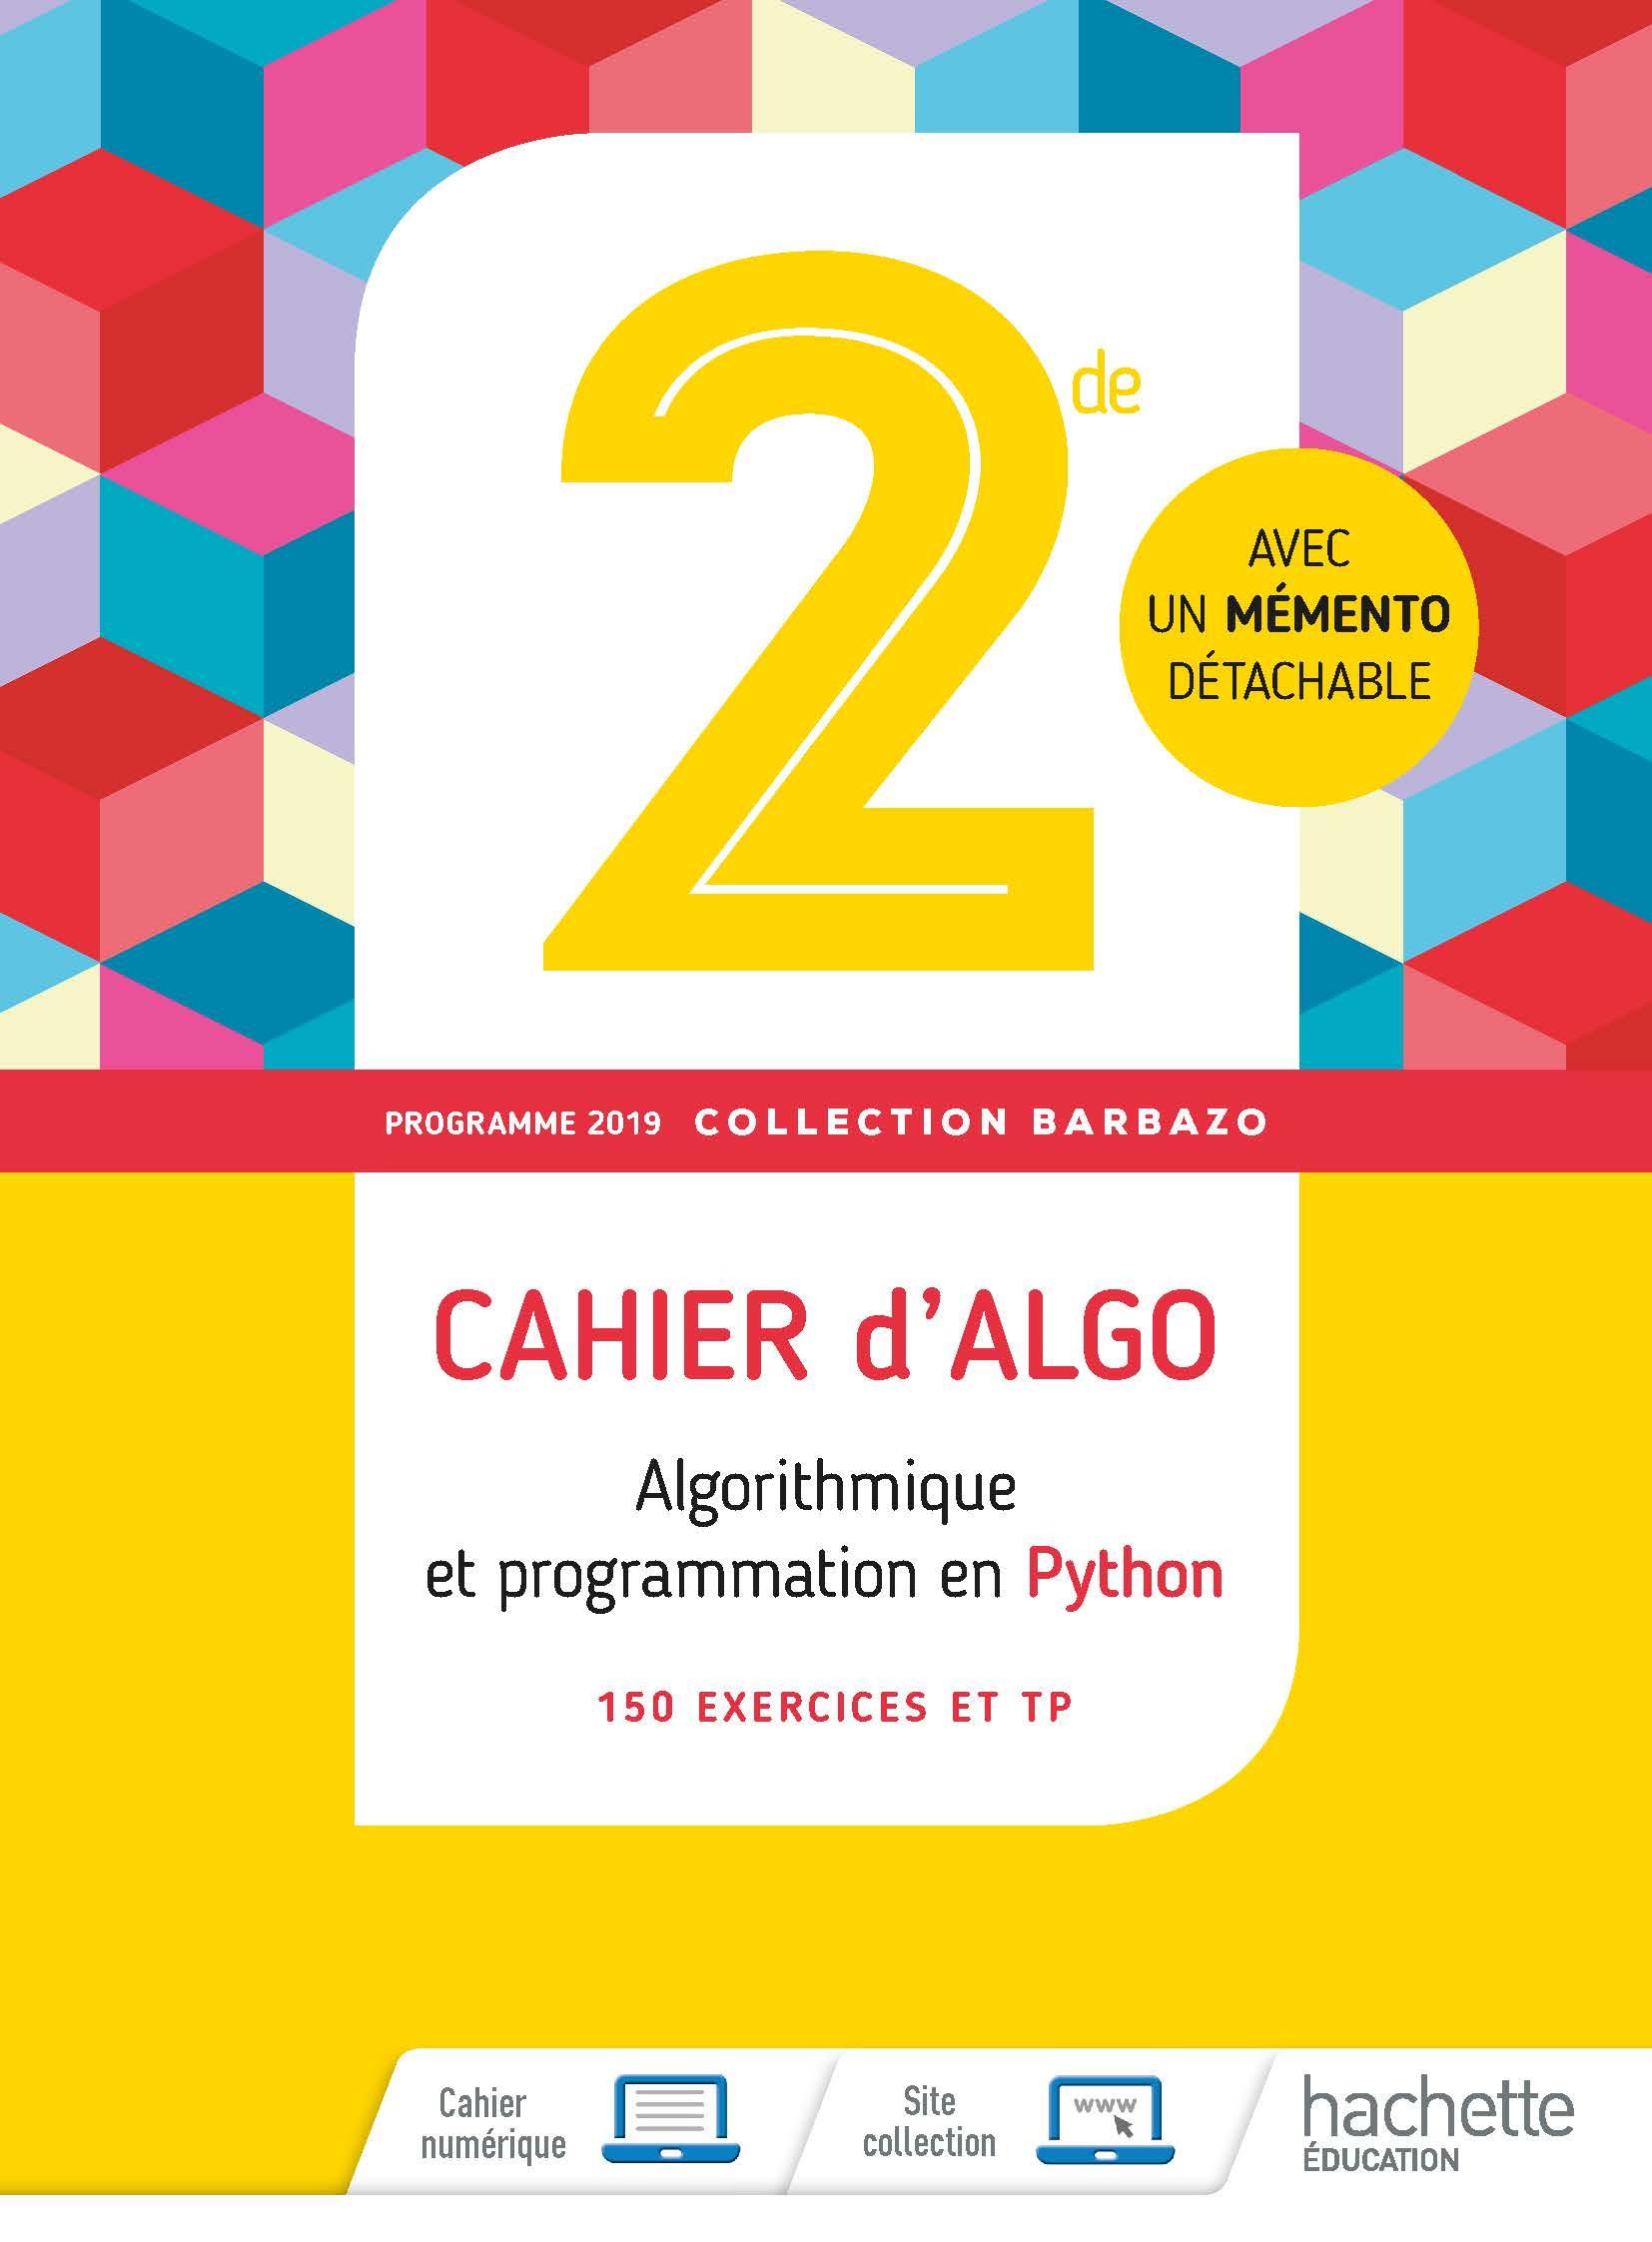 Cahier-ALGO_2de-compressor